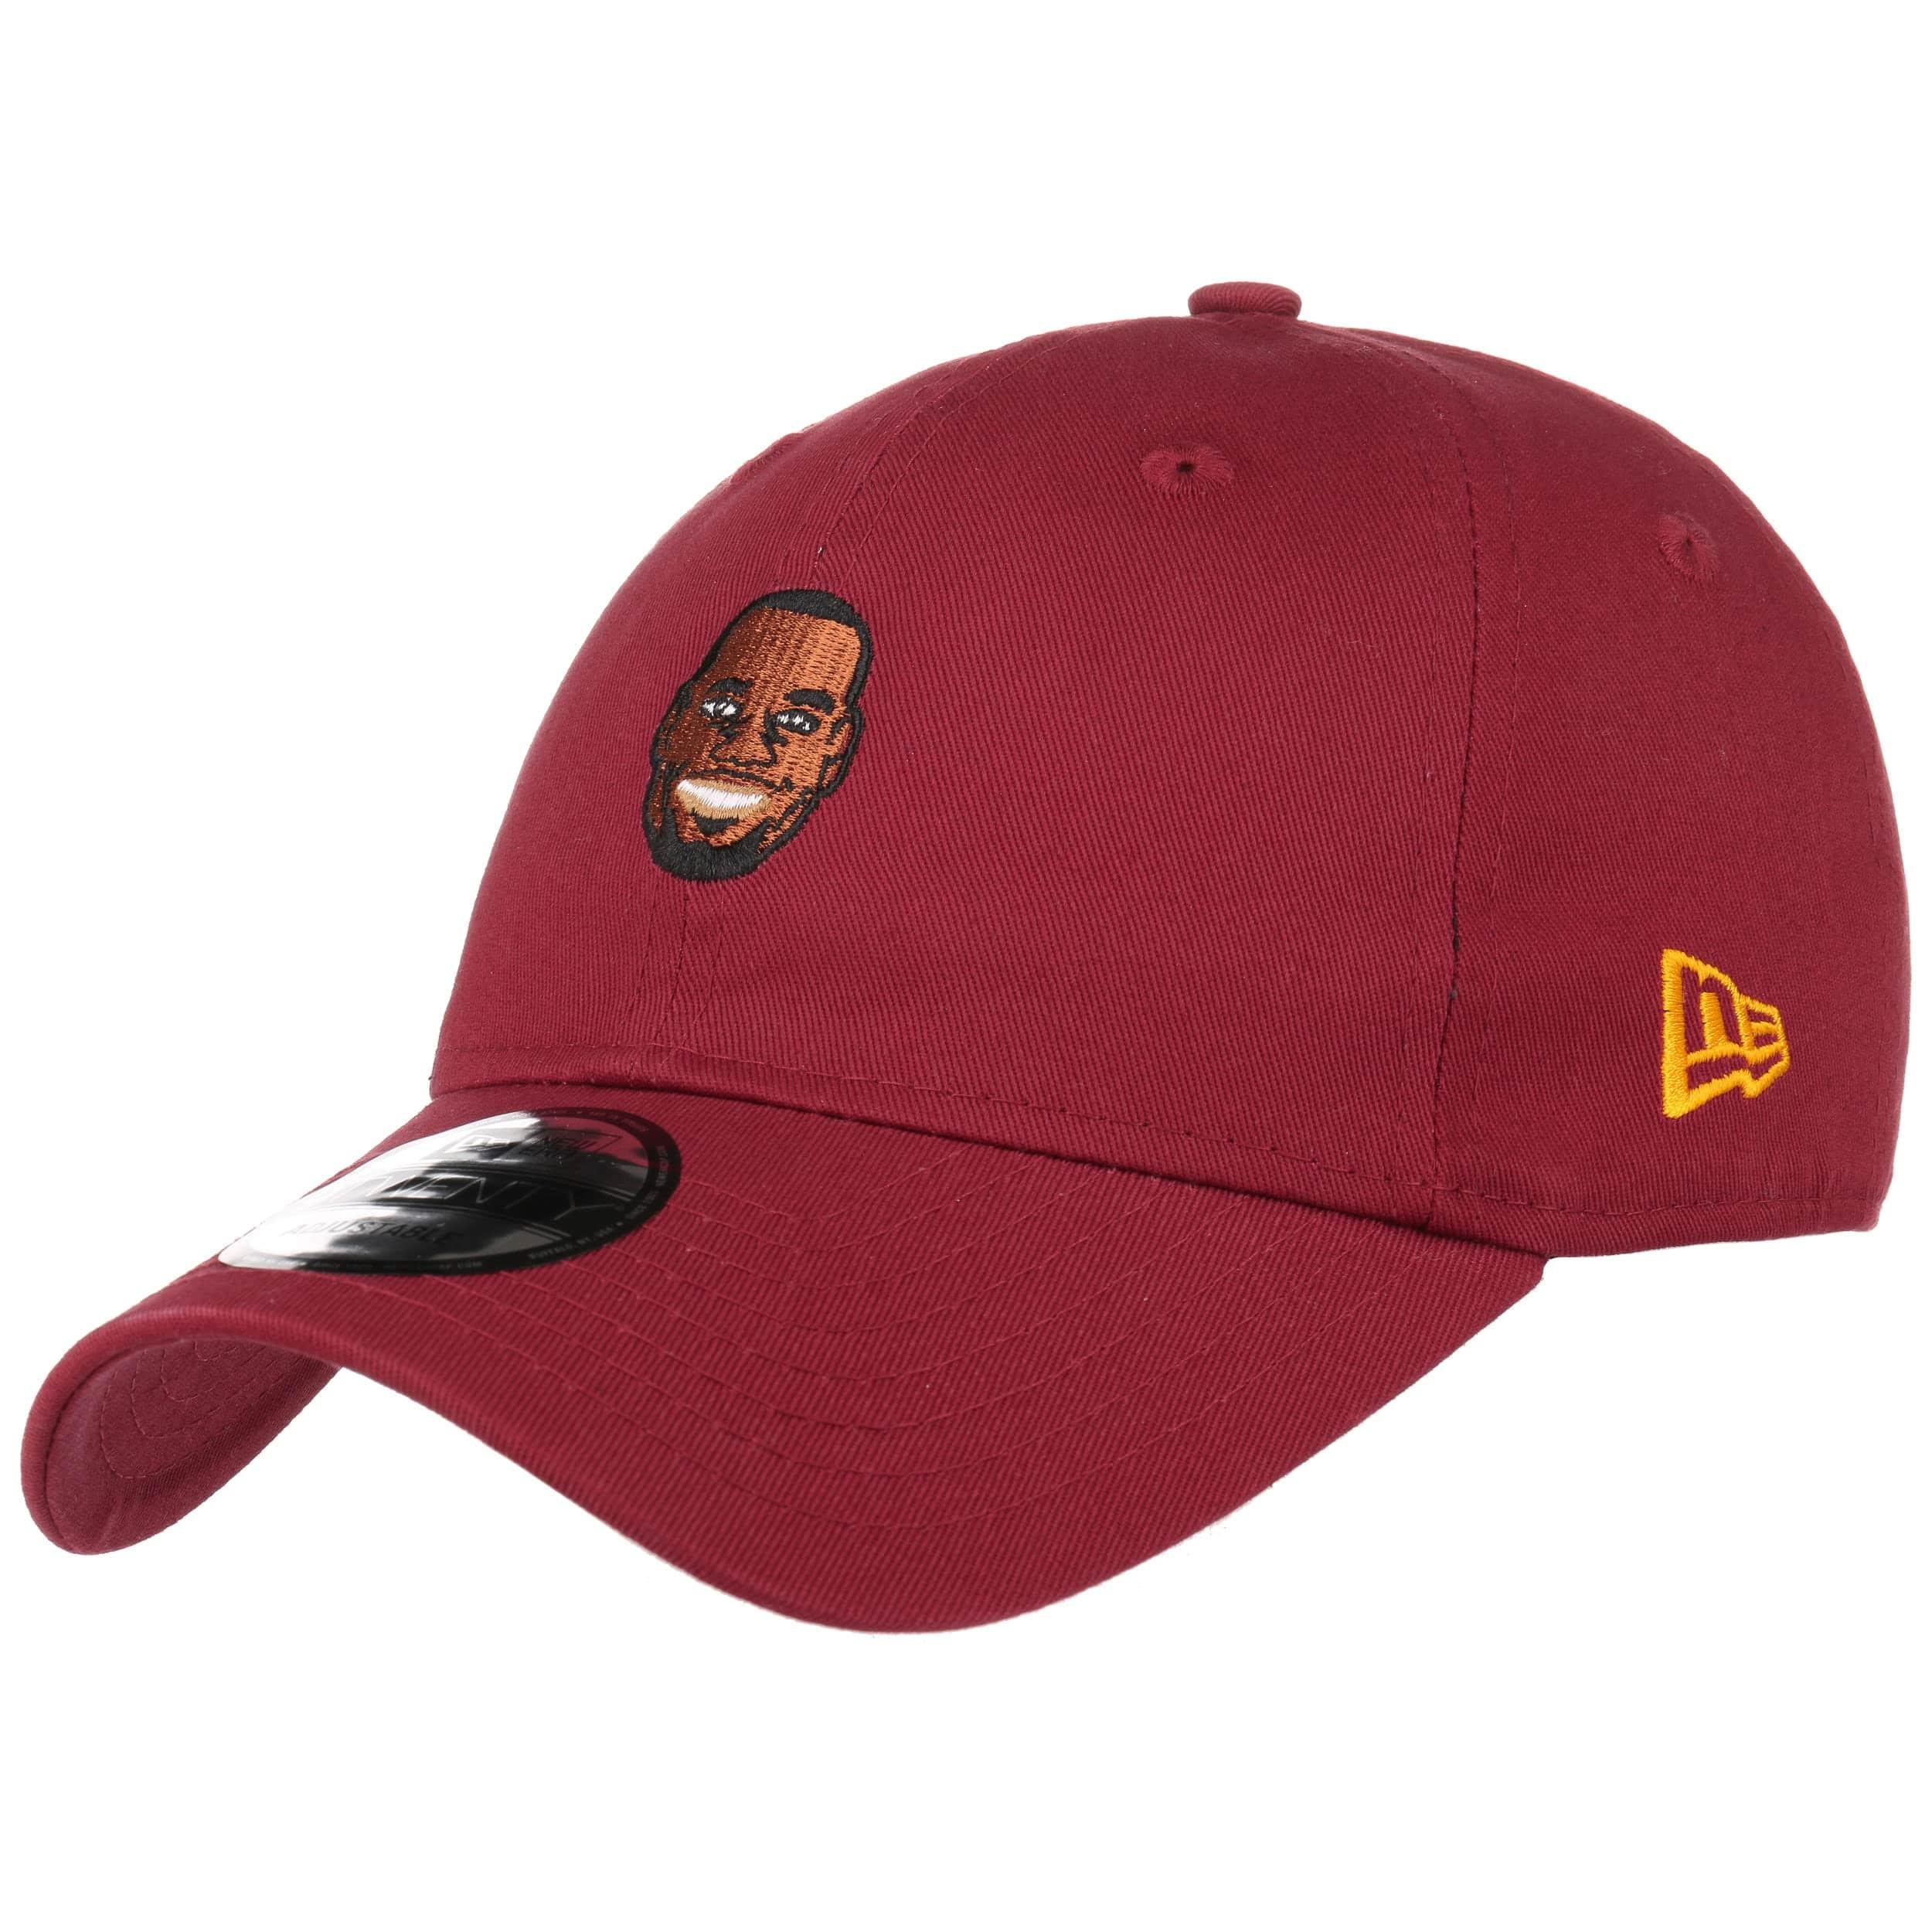 9Twenty Primary Head James Cap by New Era, EUR 27,95 --> Hats ...